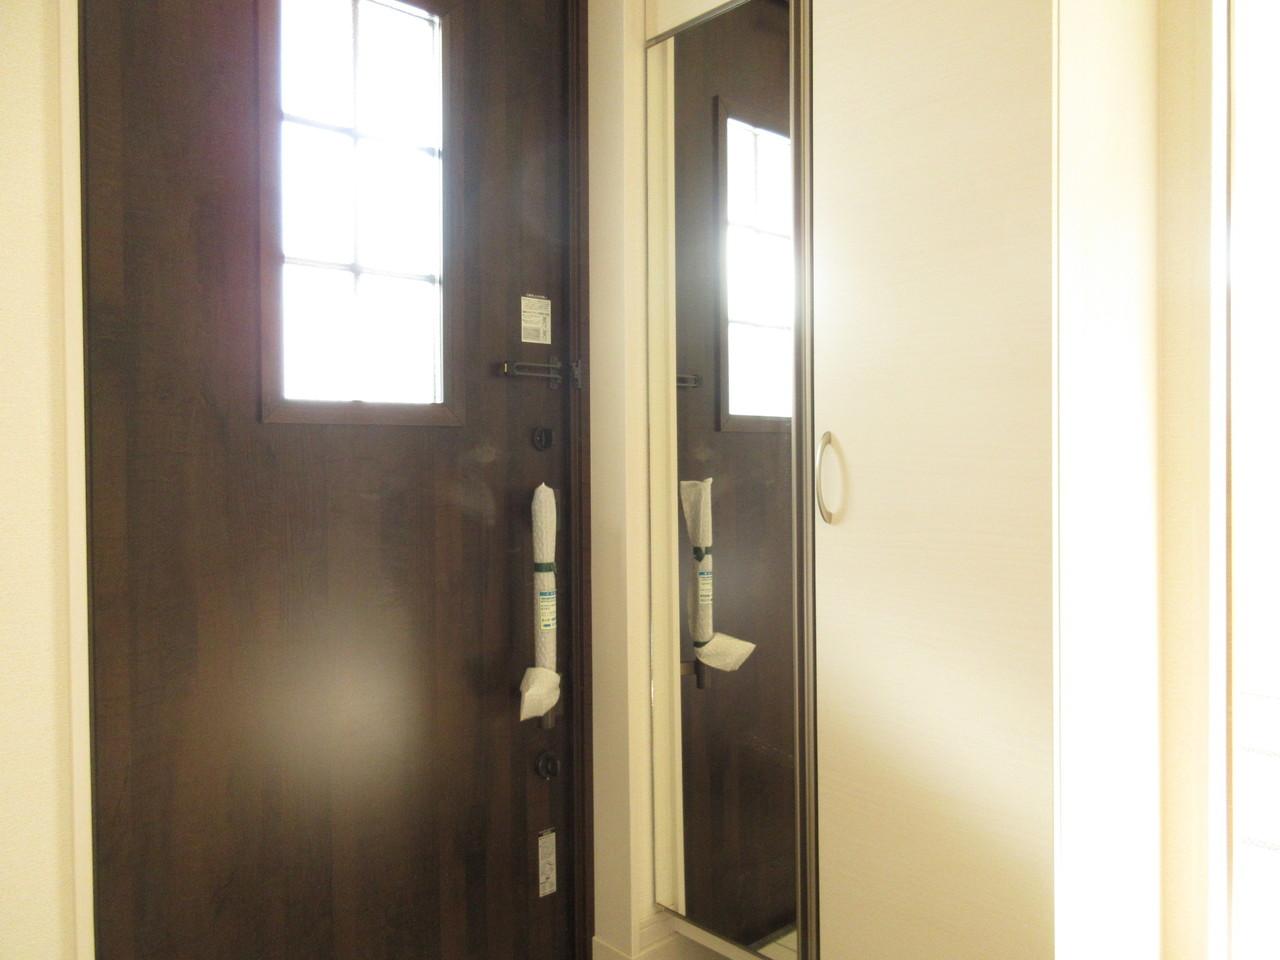 玄関収納には大きな鏡がついています。出かける前に身だしなみチェックができて便利です。